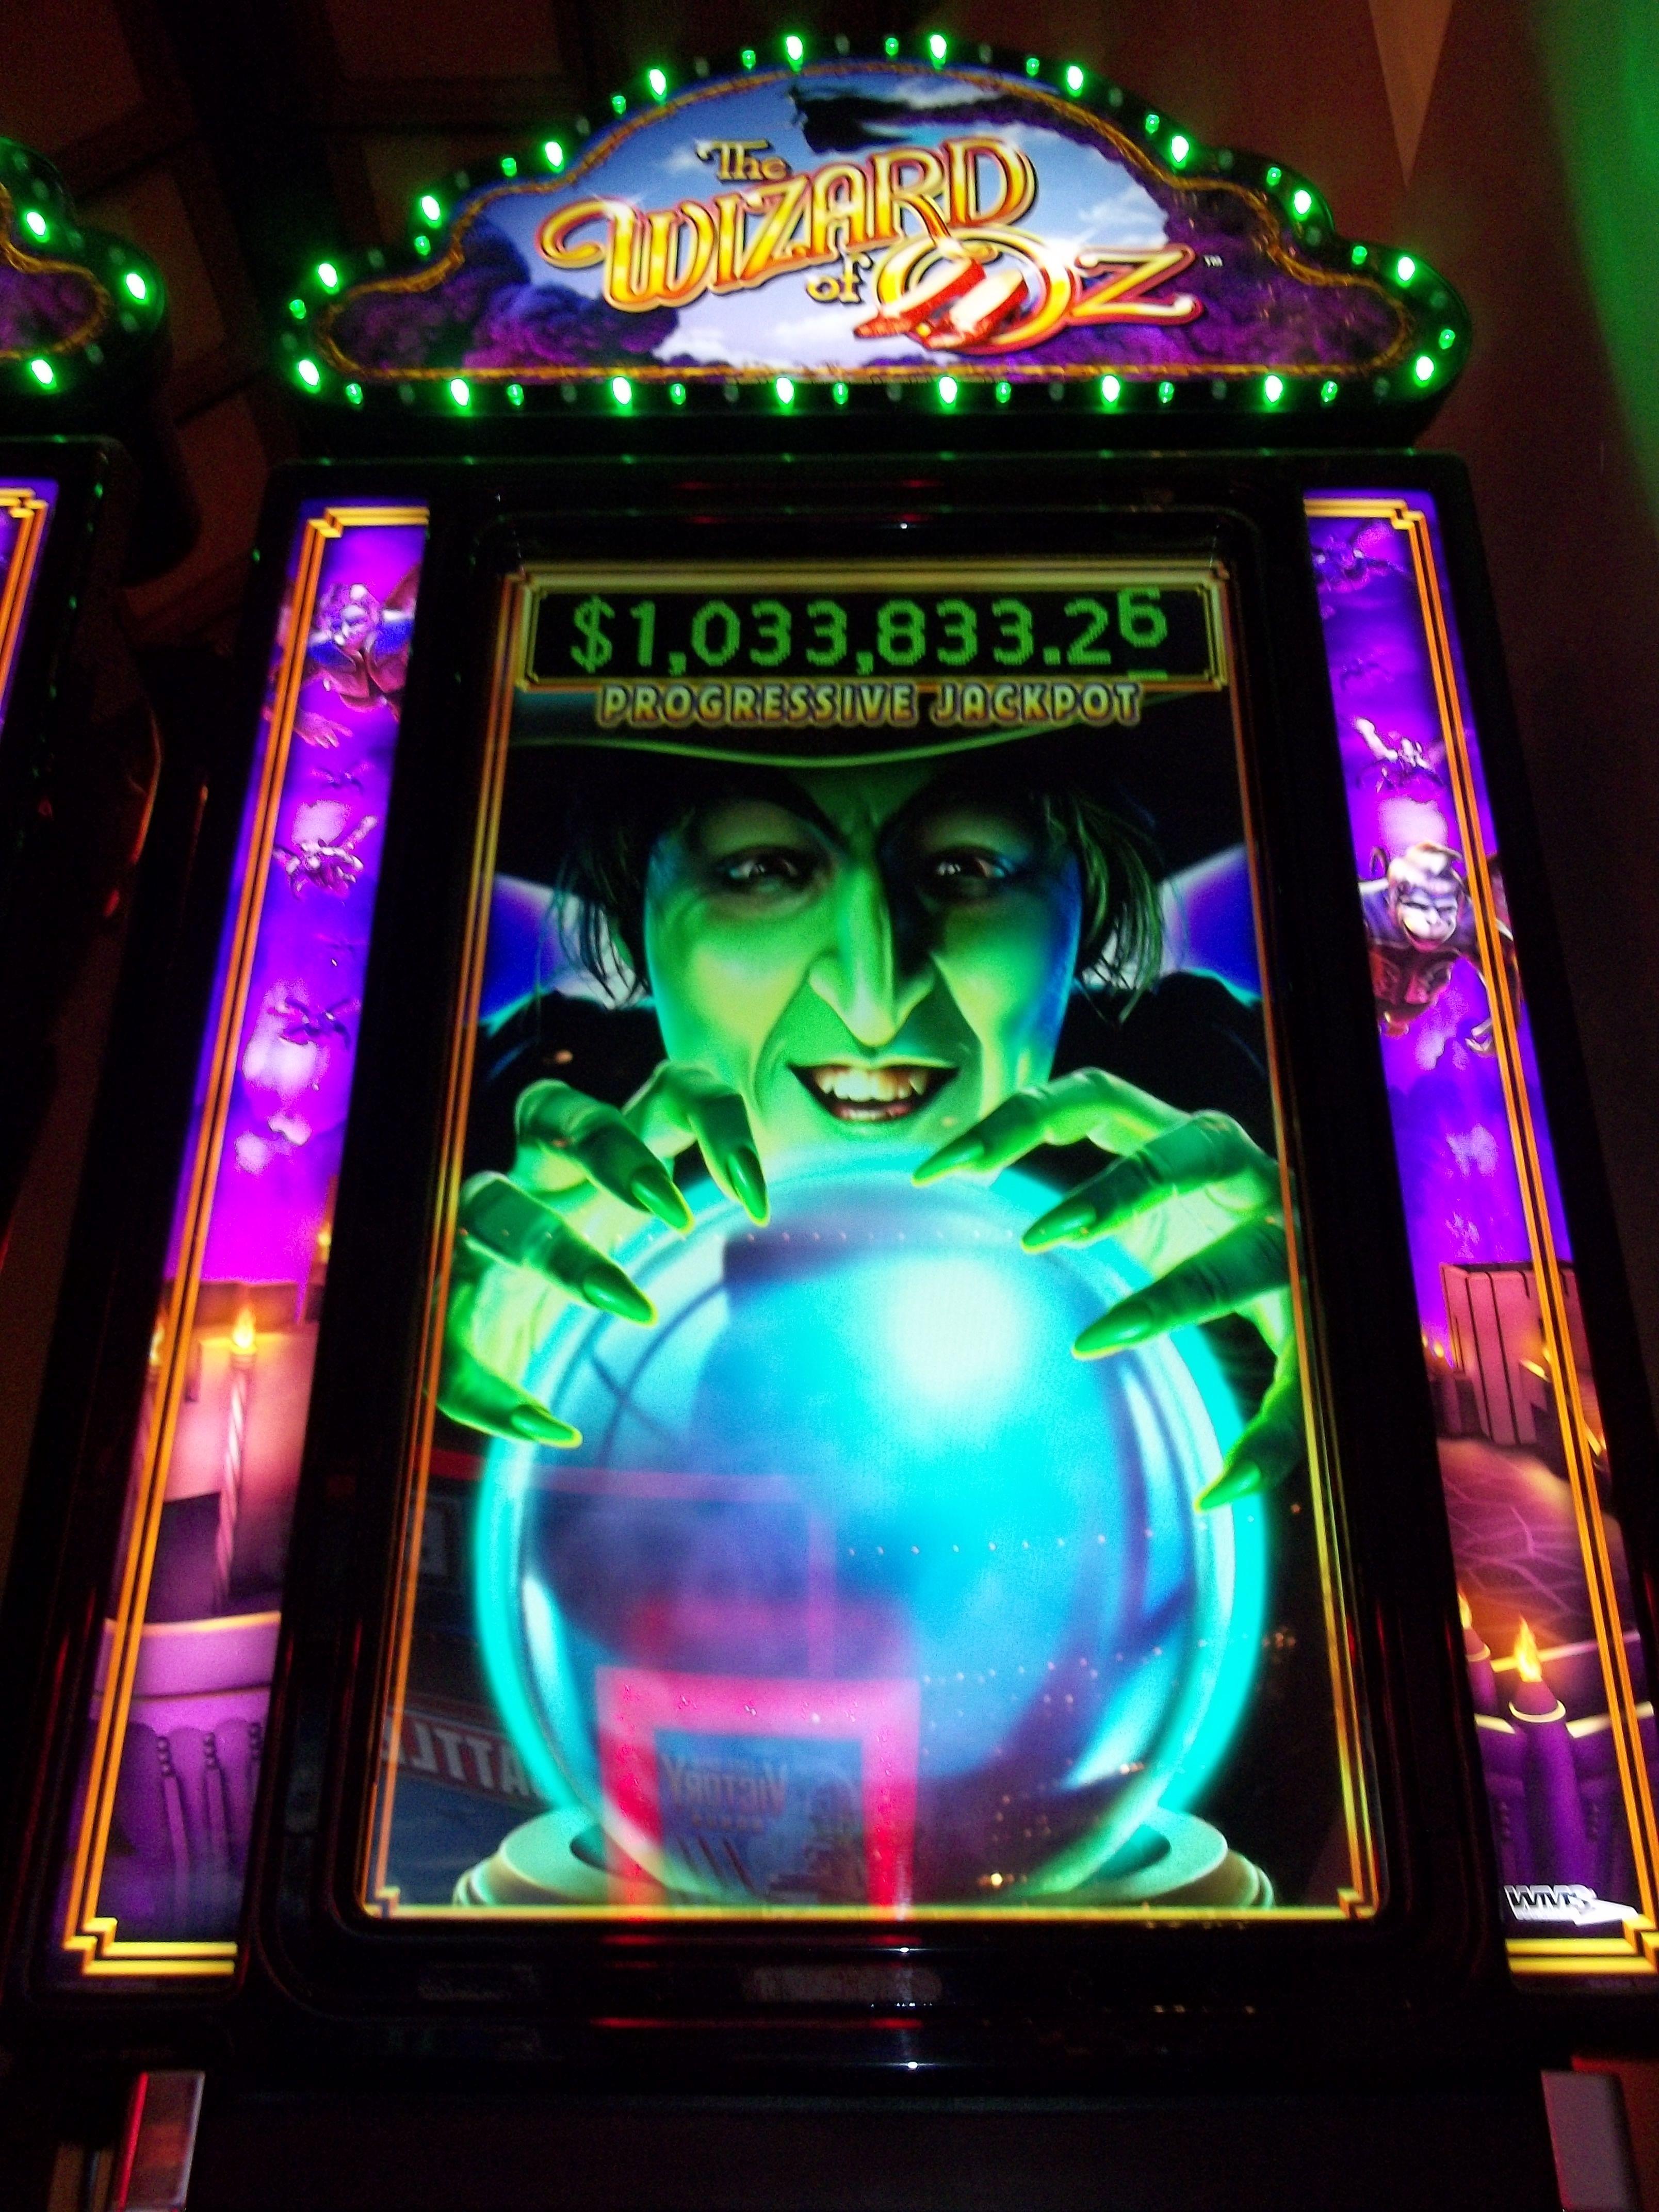 What casinos have the wizard of oz slot machine besplatne casino igre slot